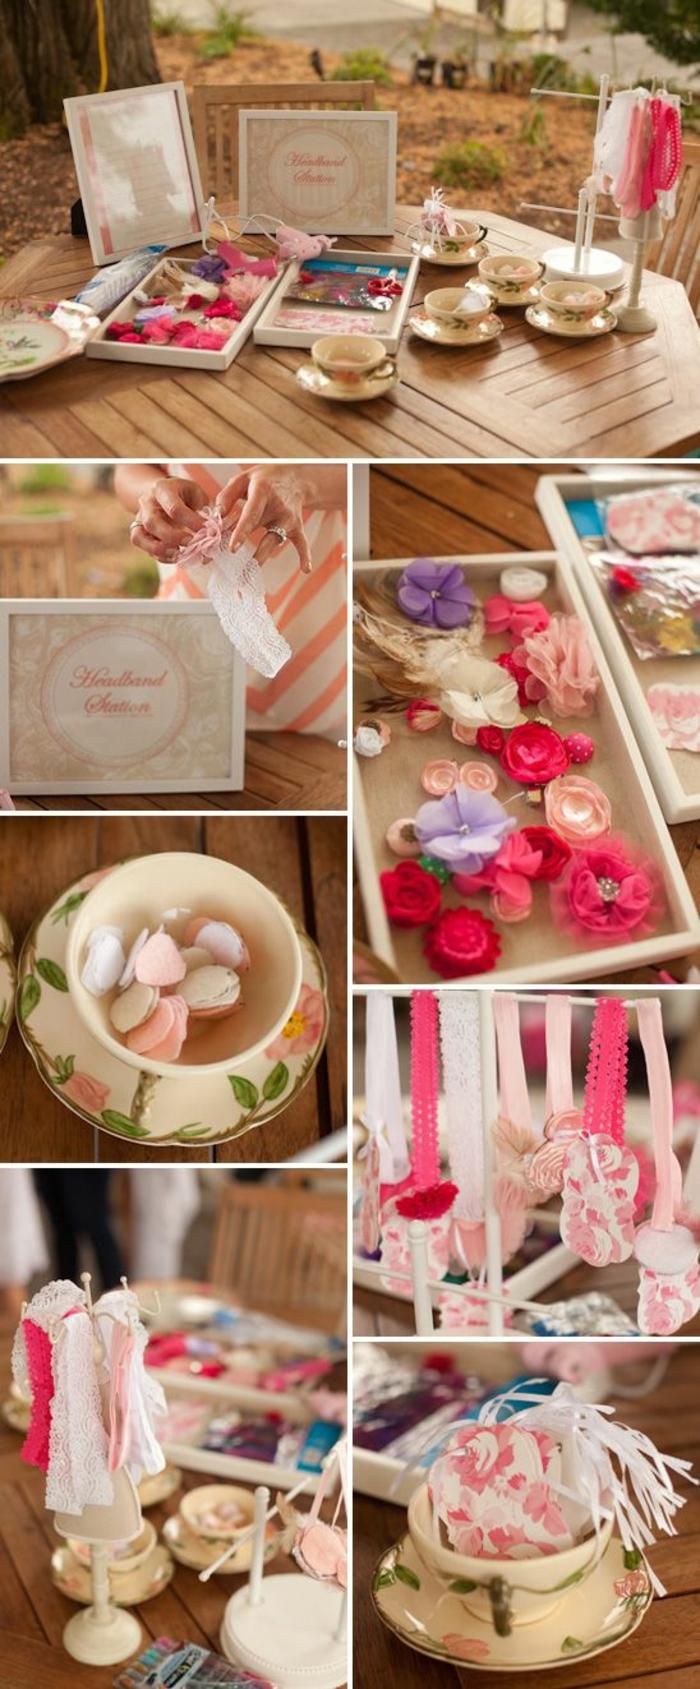 activités ludiques et créatives pour animer une baby shower, idées de jeux baby shower